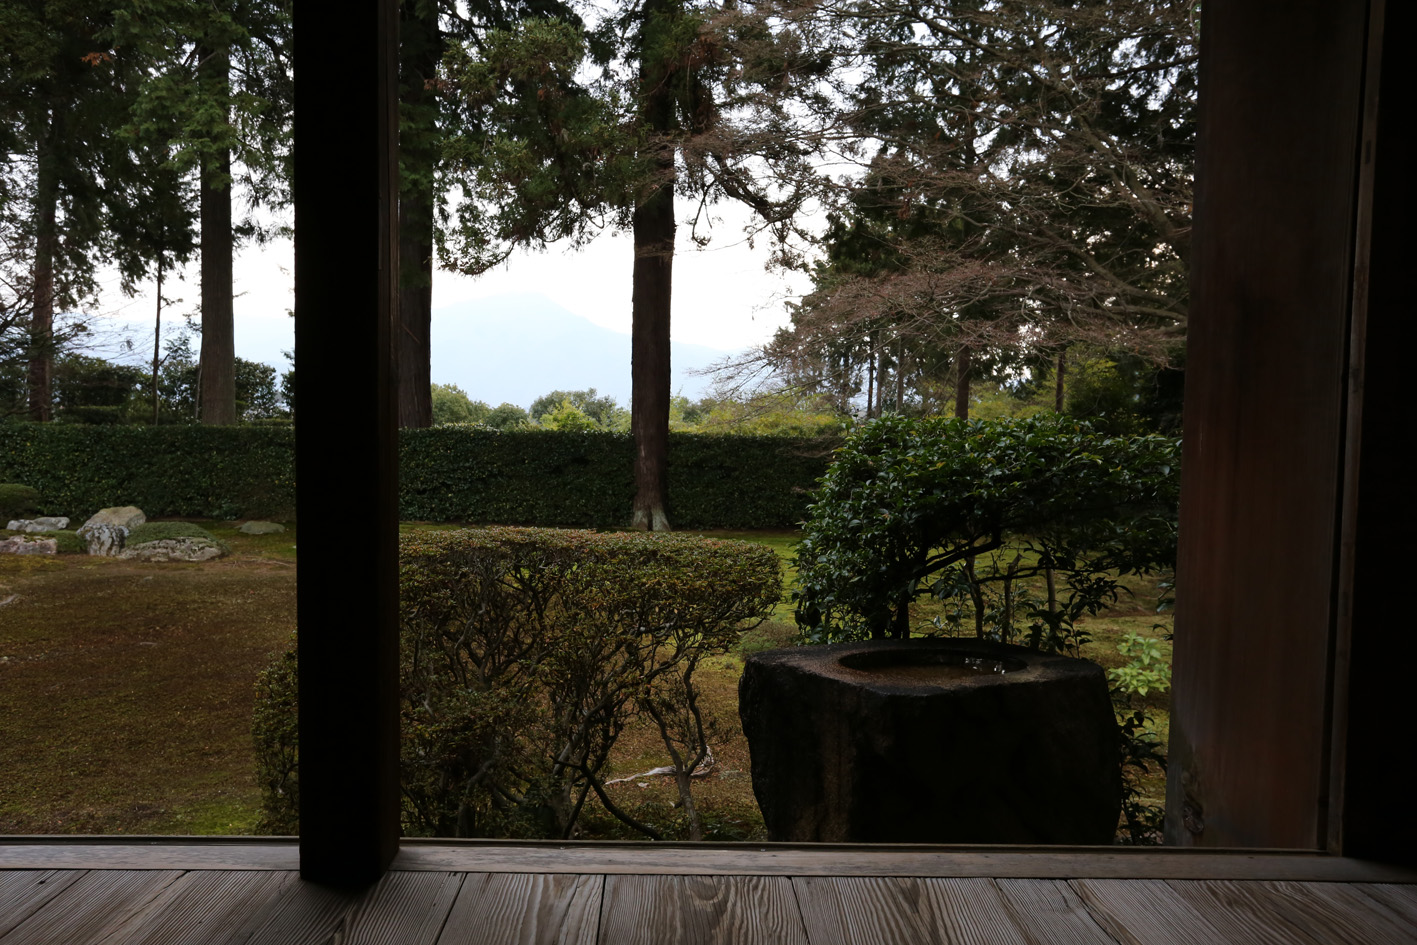 円通寺 借景 2014_e0127948_16654100.jpg